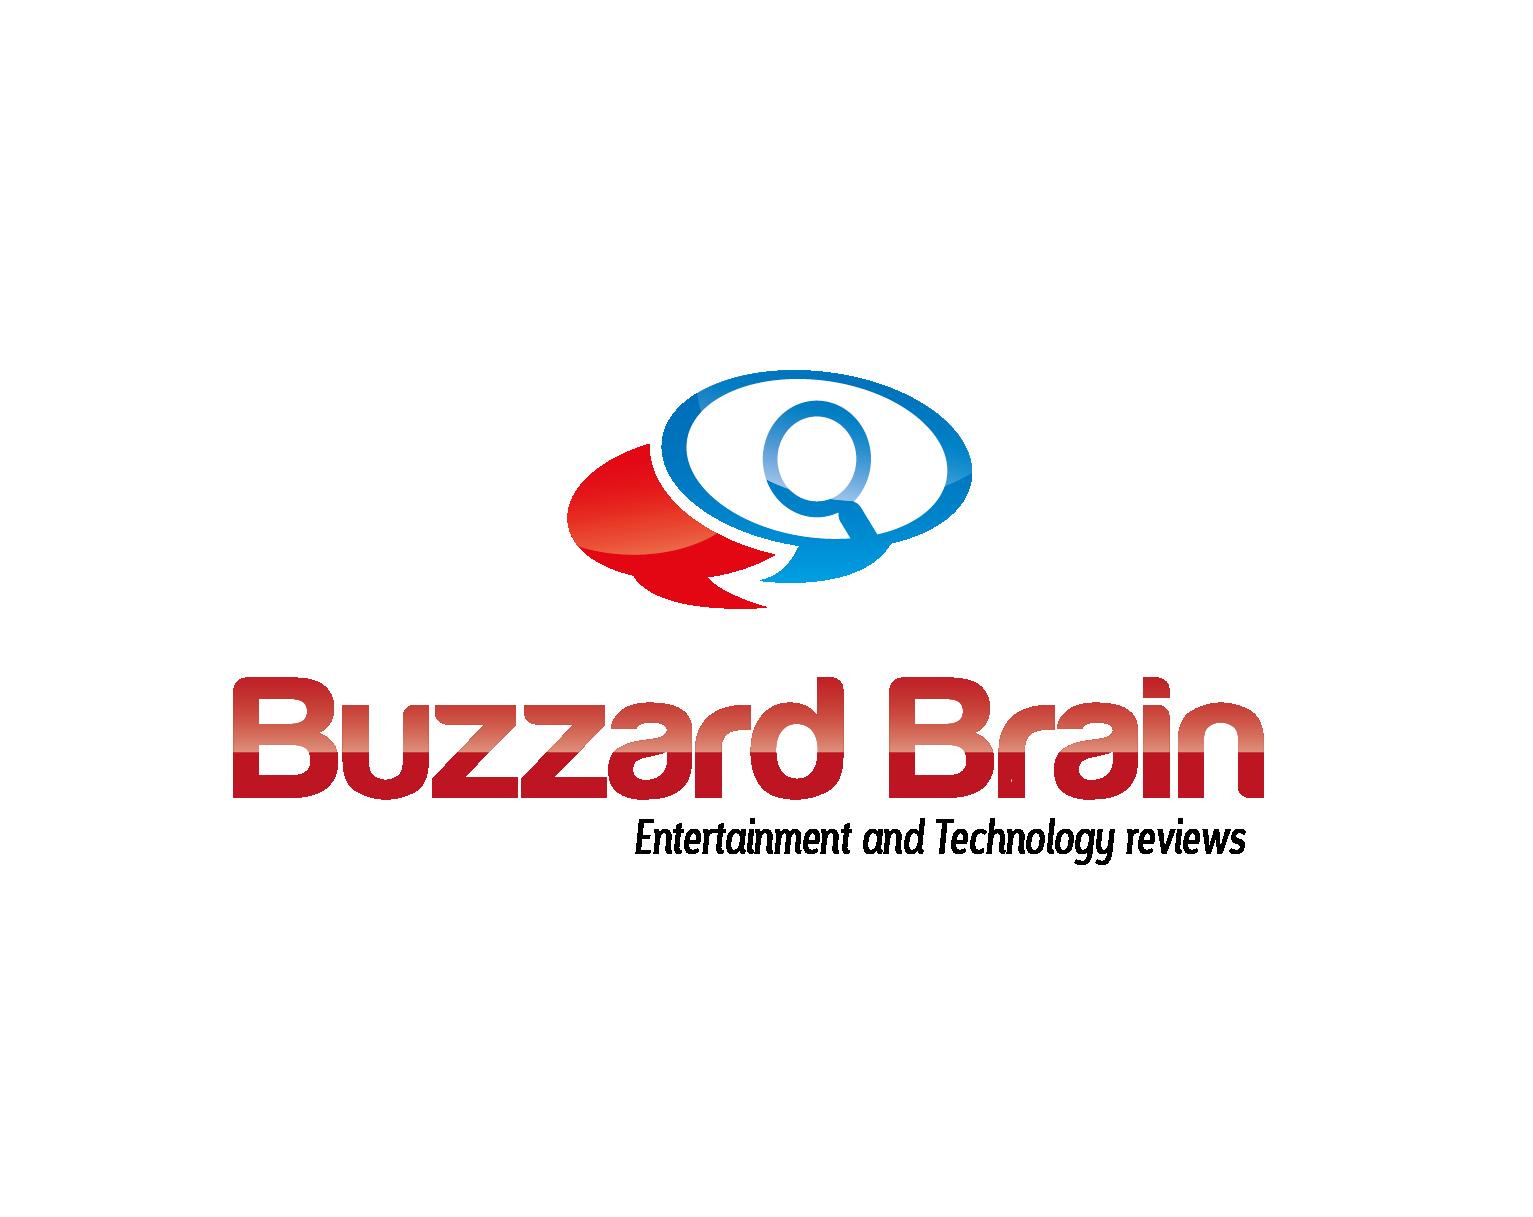 Logo Design by 354studio - Entry No. 45 in the Logo Design Contest Buzzard Brain Logo Design.